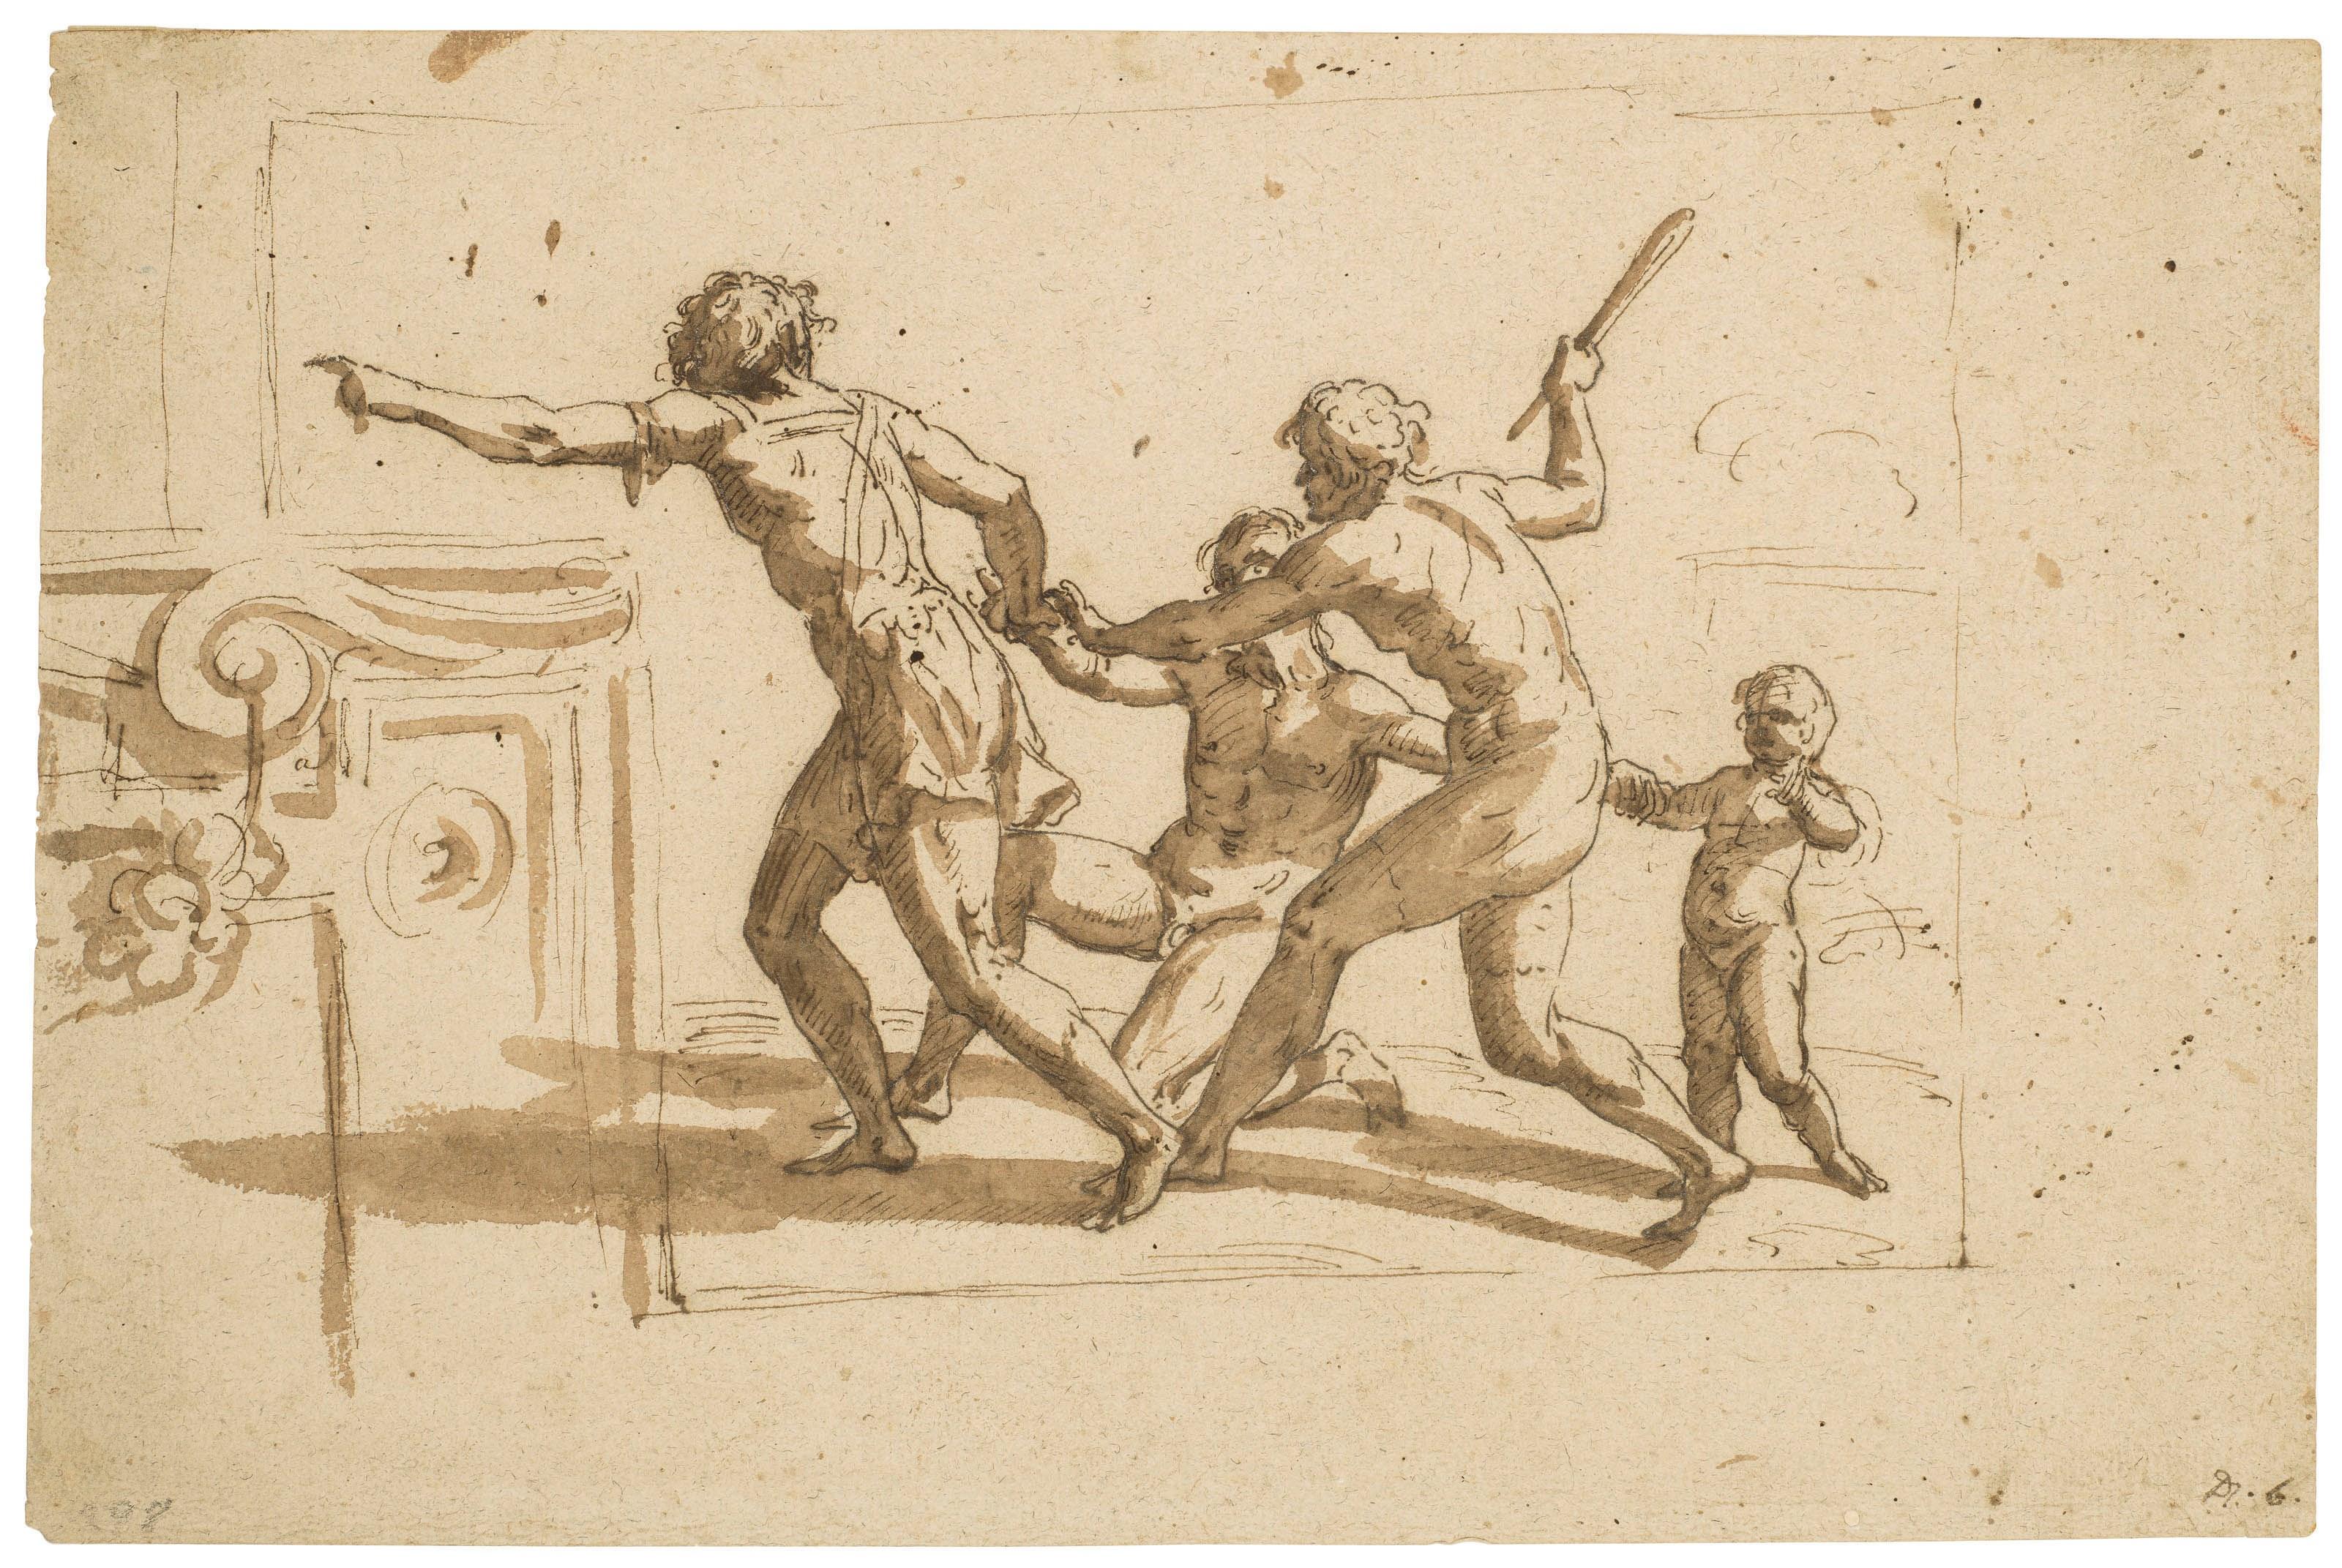 尼古拉斯·普桑(1594-1665)的圈子,《四个人向左跑的古代画面》,8½ x 12¾吋(21.7 x 32.4公分),估价:5,000-7,000美元。此拍品于2019年1月31日在佳士得纽约古典大师素描及英国绘画拍卖中呈献。